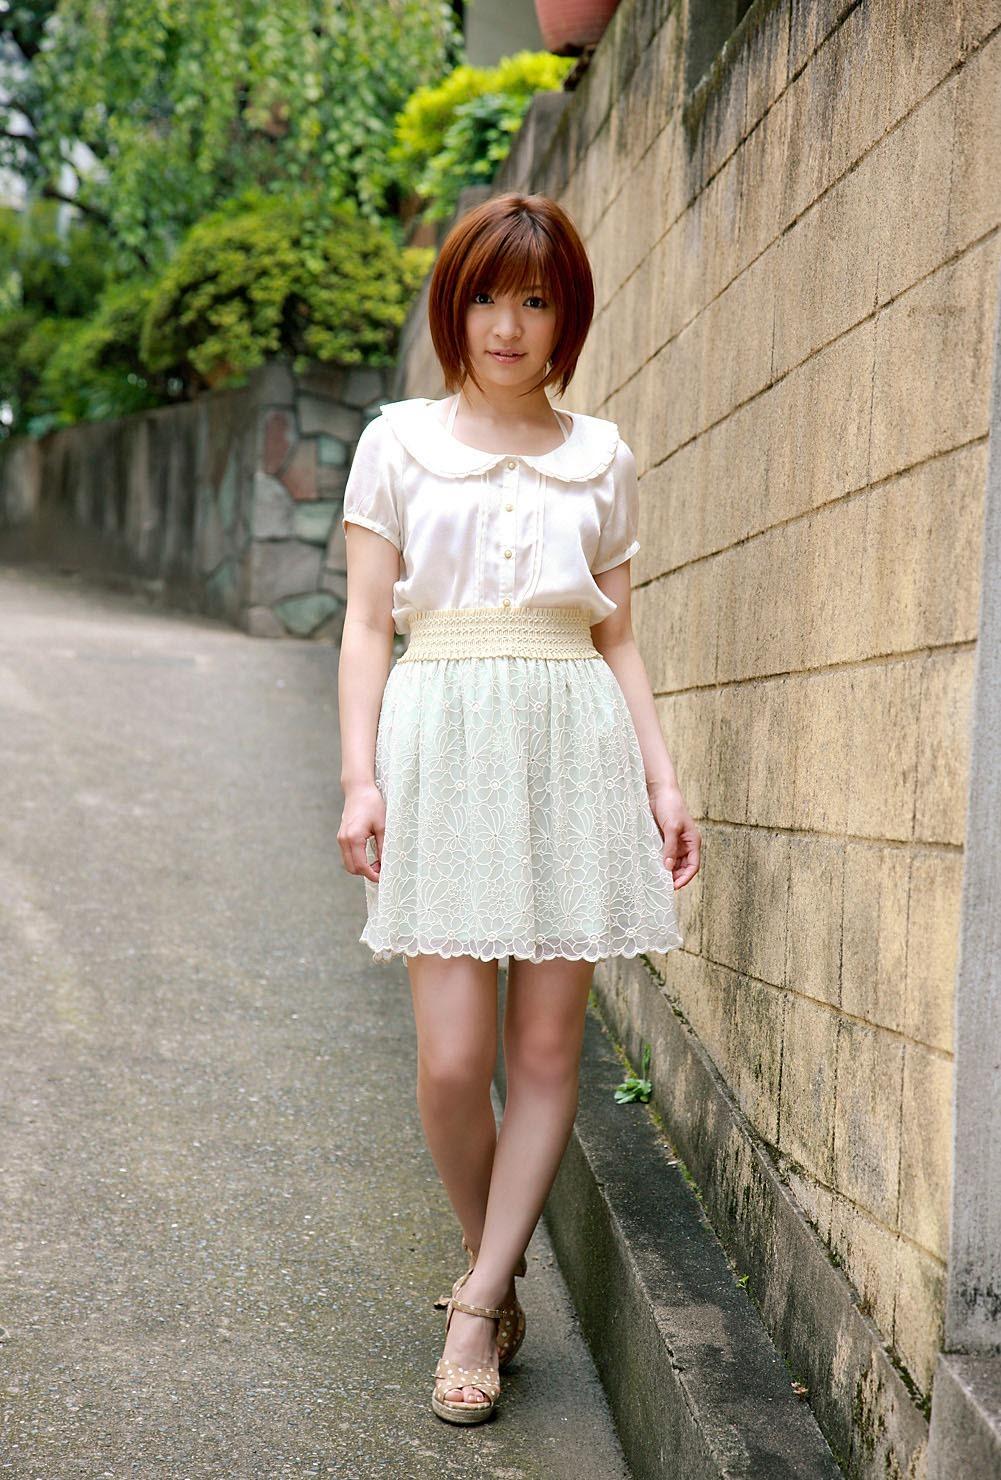 田中涼子 画像 1